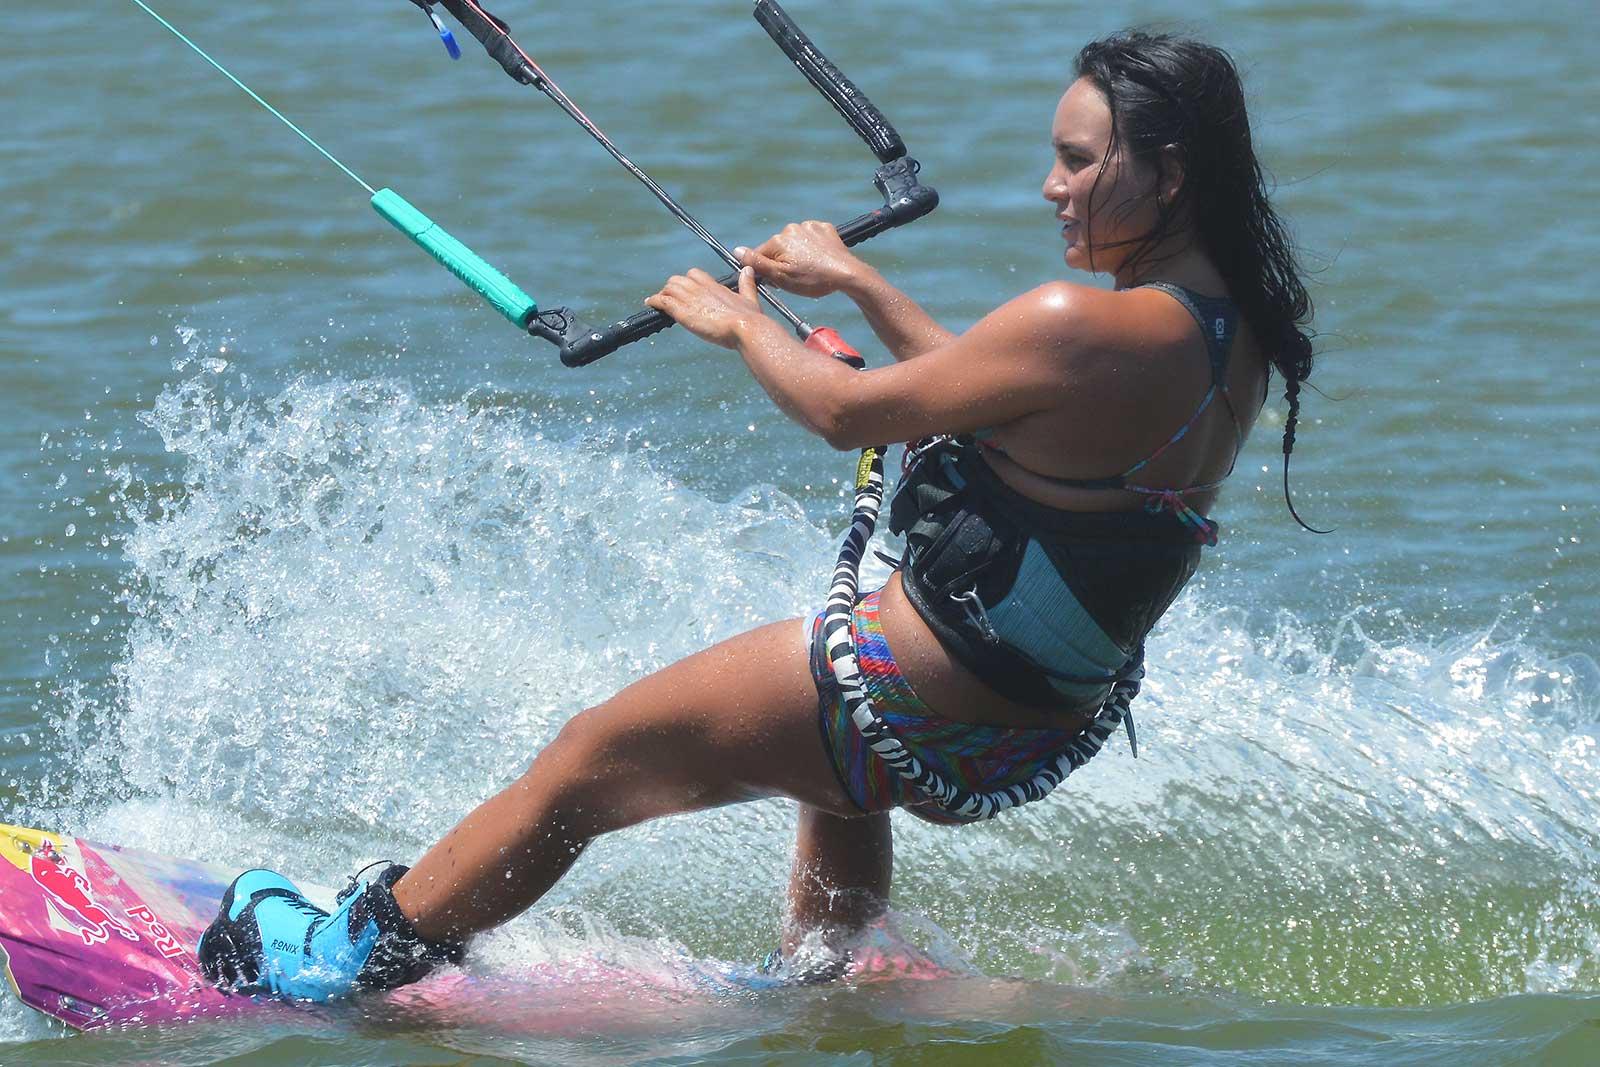 Bruna-Kajiya-kitesurf